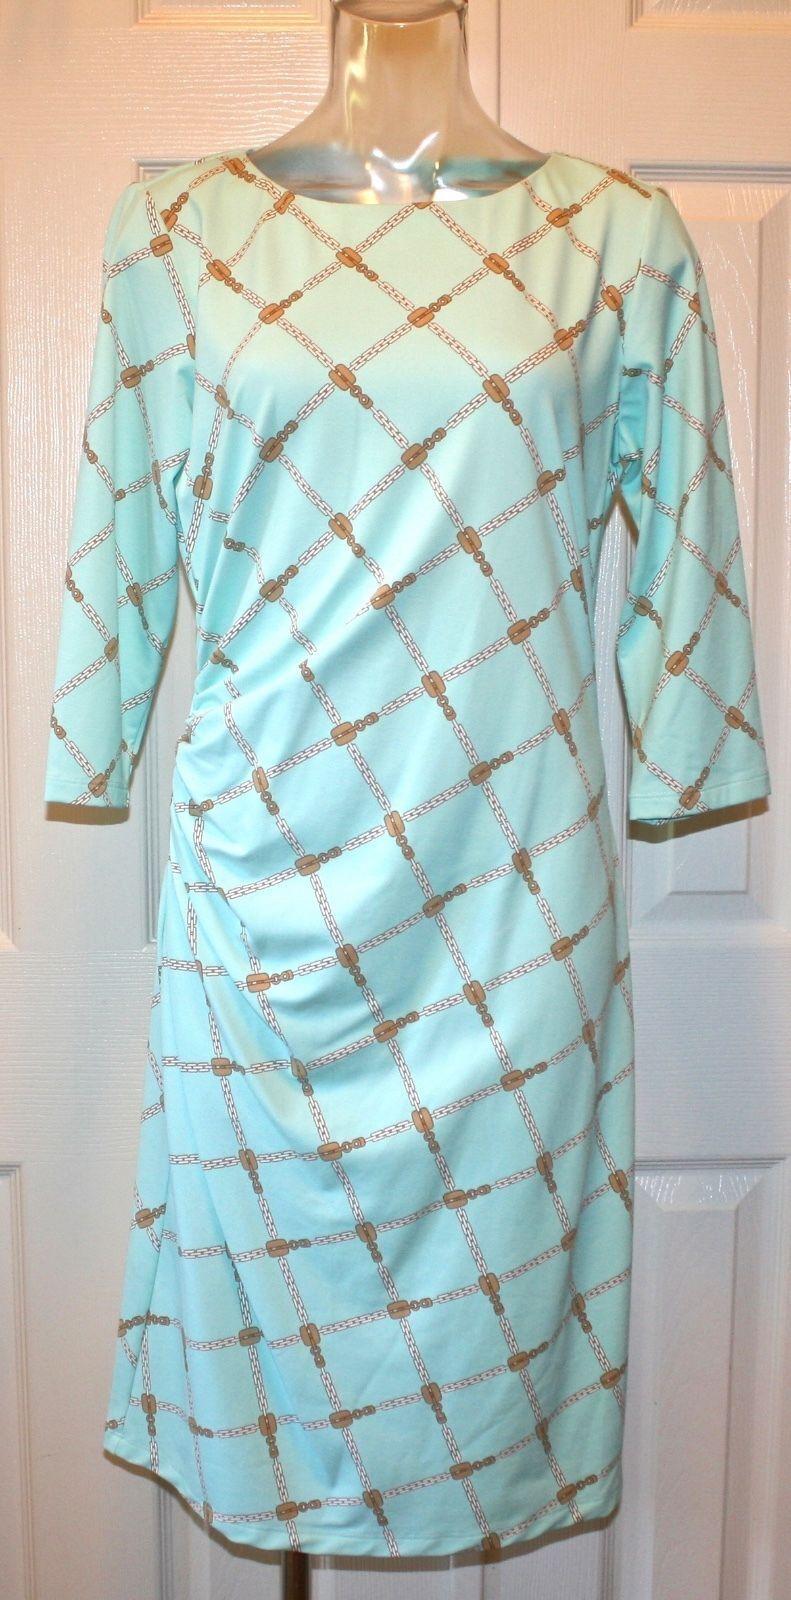 J McLaughlin    Sage  3 4 Sleeve Dress, Chain Print, Aqua Tan White  M,L,XL NWT ab3865